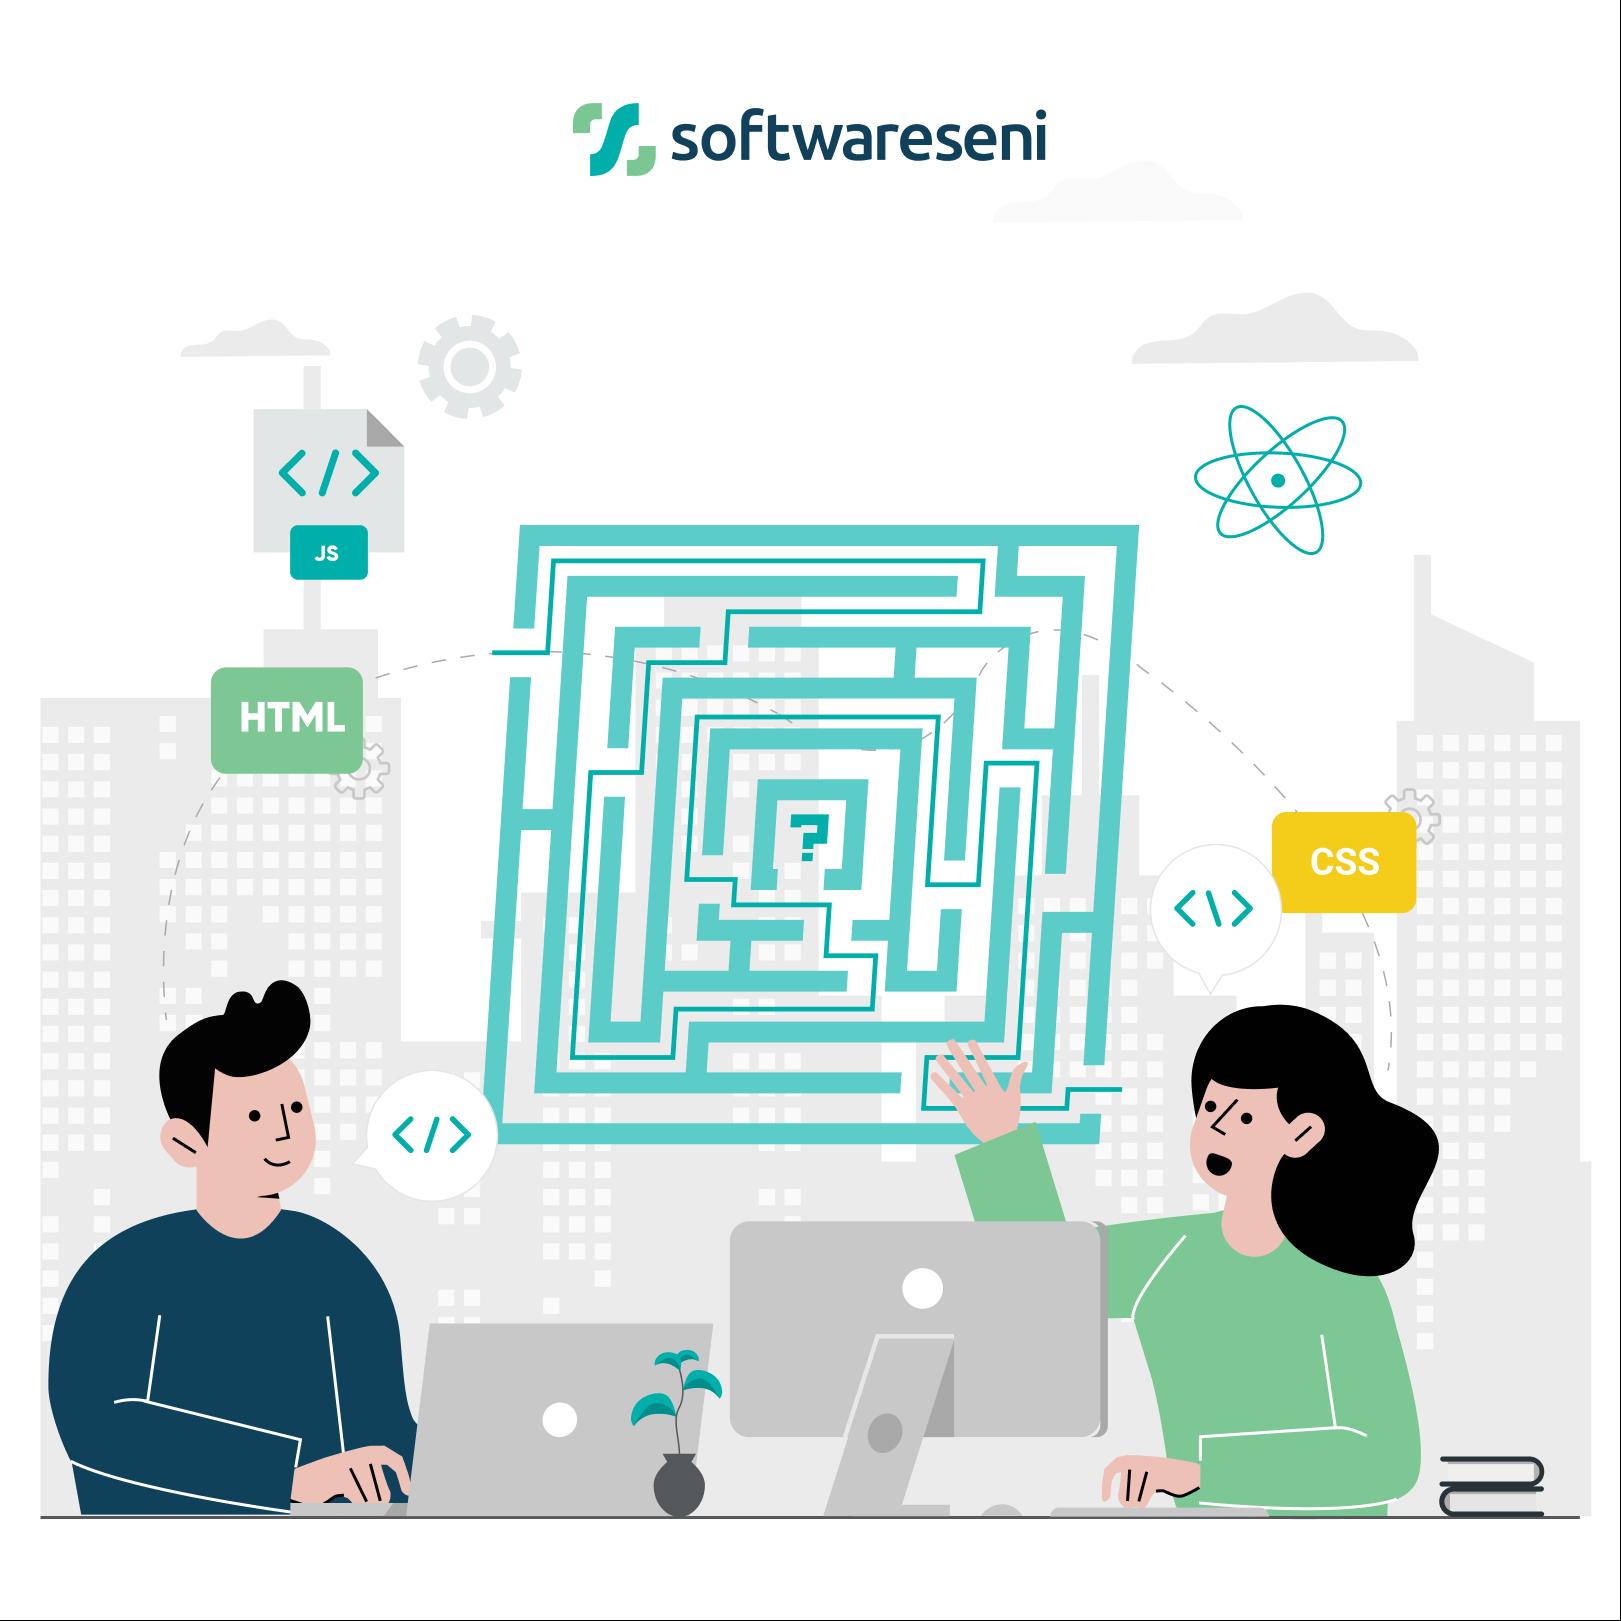 Mengulik Software Sebagai One Stop Solution Bagi Perusahaan